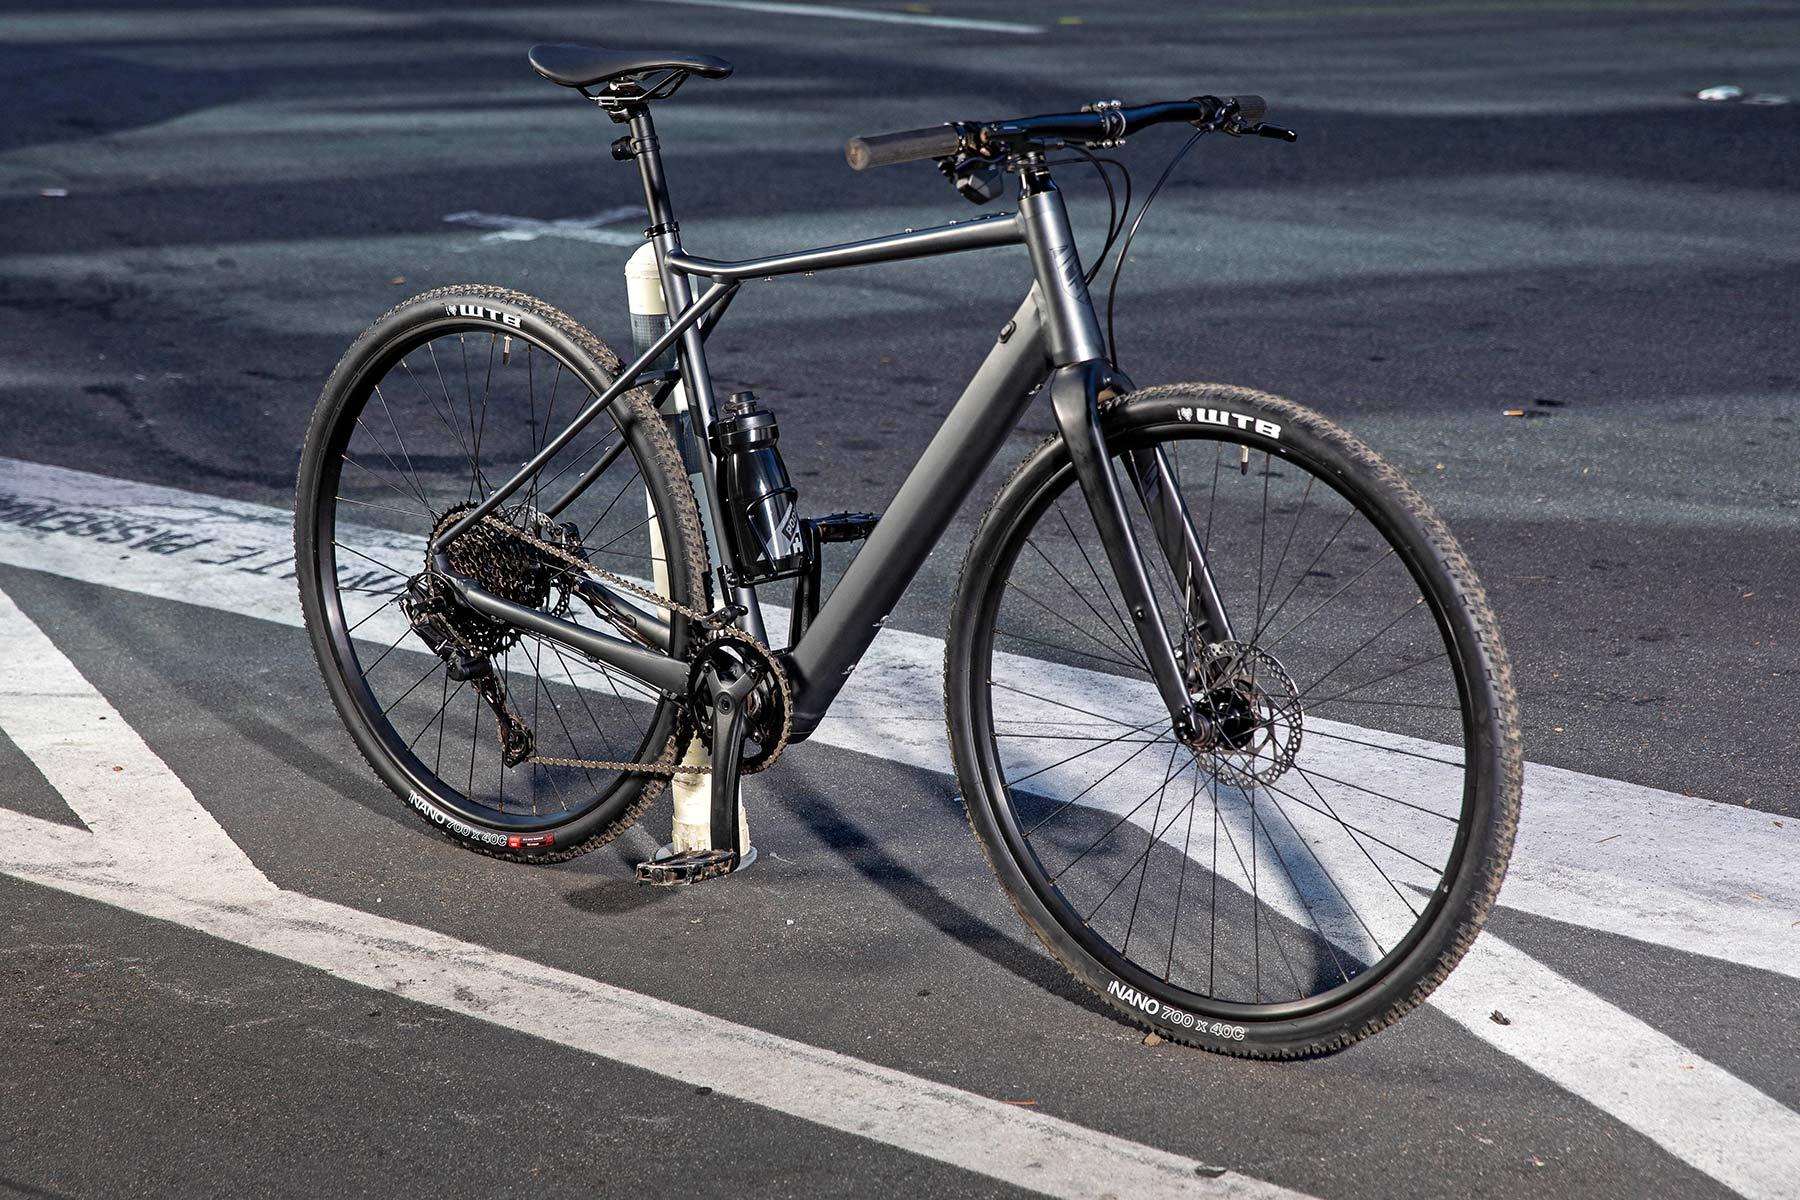 GT Grade Power lightweight, affordable alloy gravel e-bike, commuter